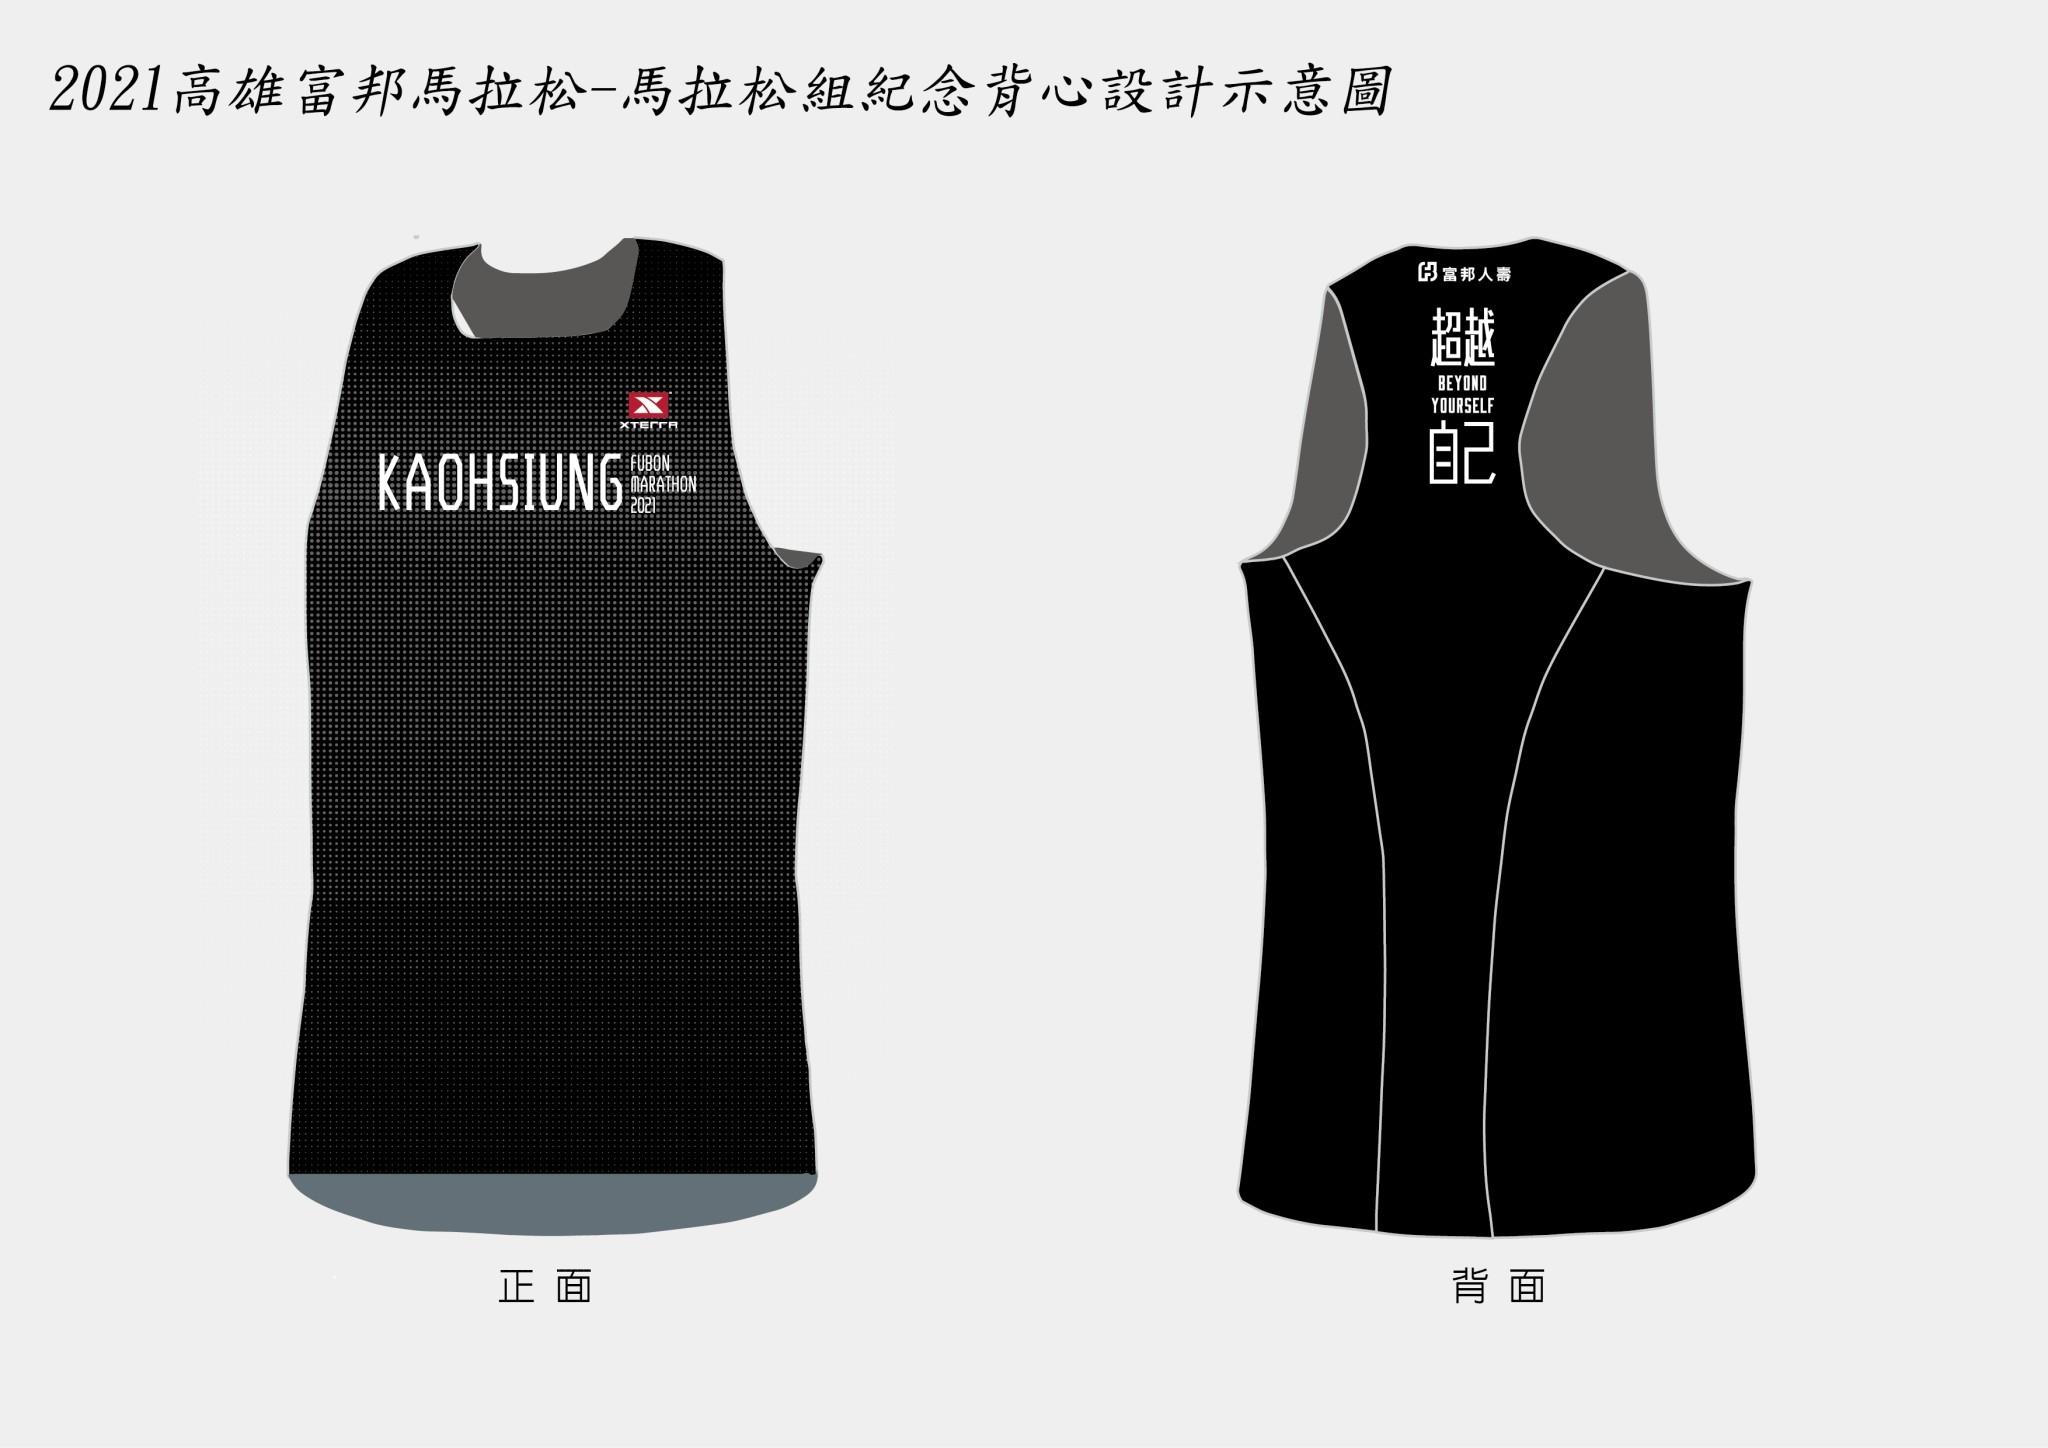 2021高雄富邦馬拉松 - 全馬參賽紀念背心